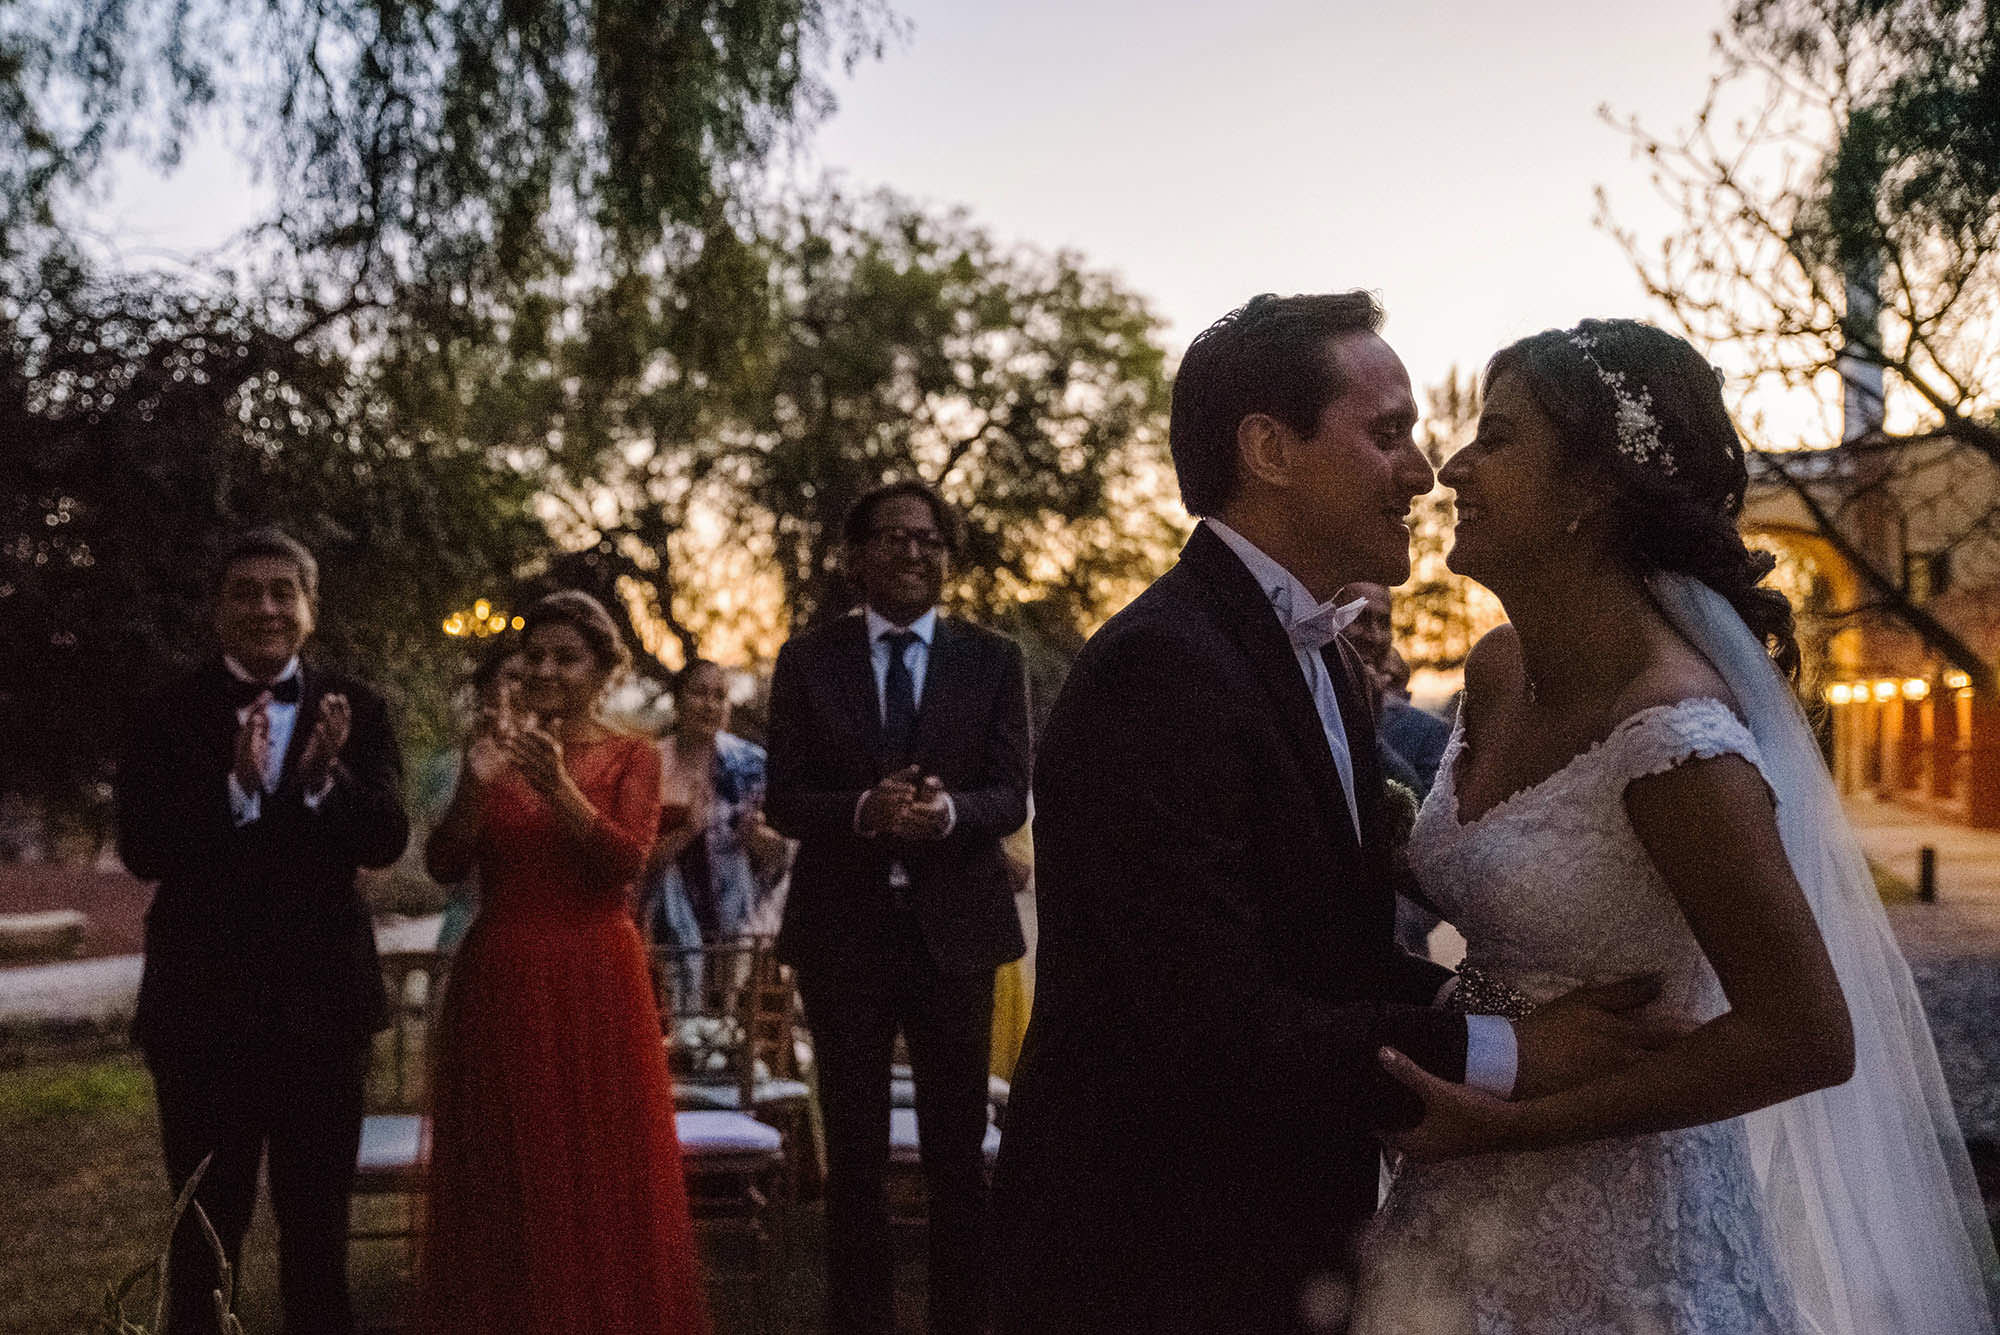 Boda Queretaro hacienda wedding planner magali espinosa fotografo 36-WEB.jpg